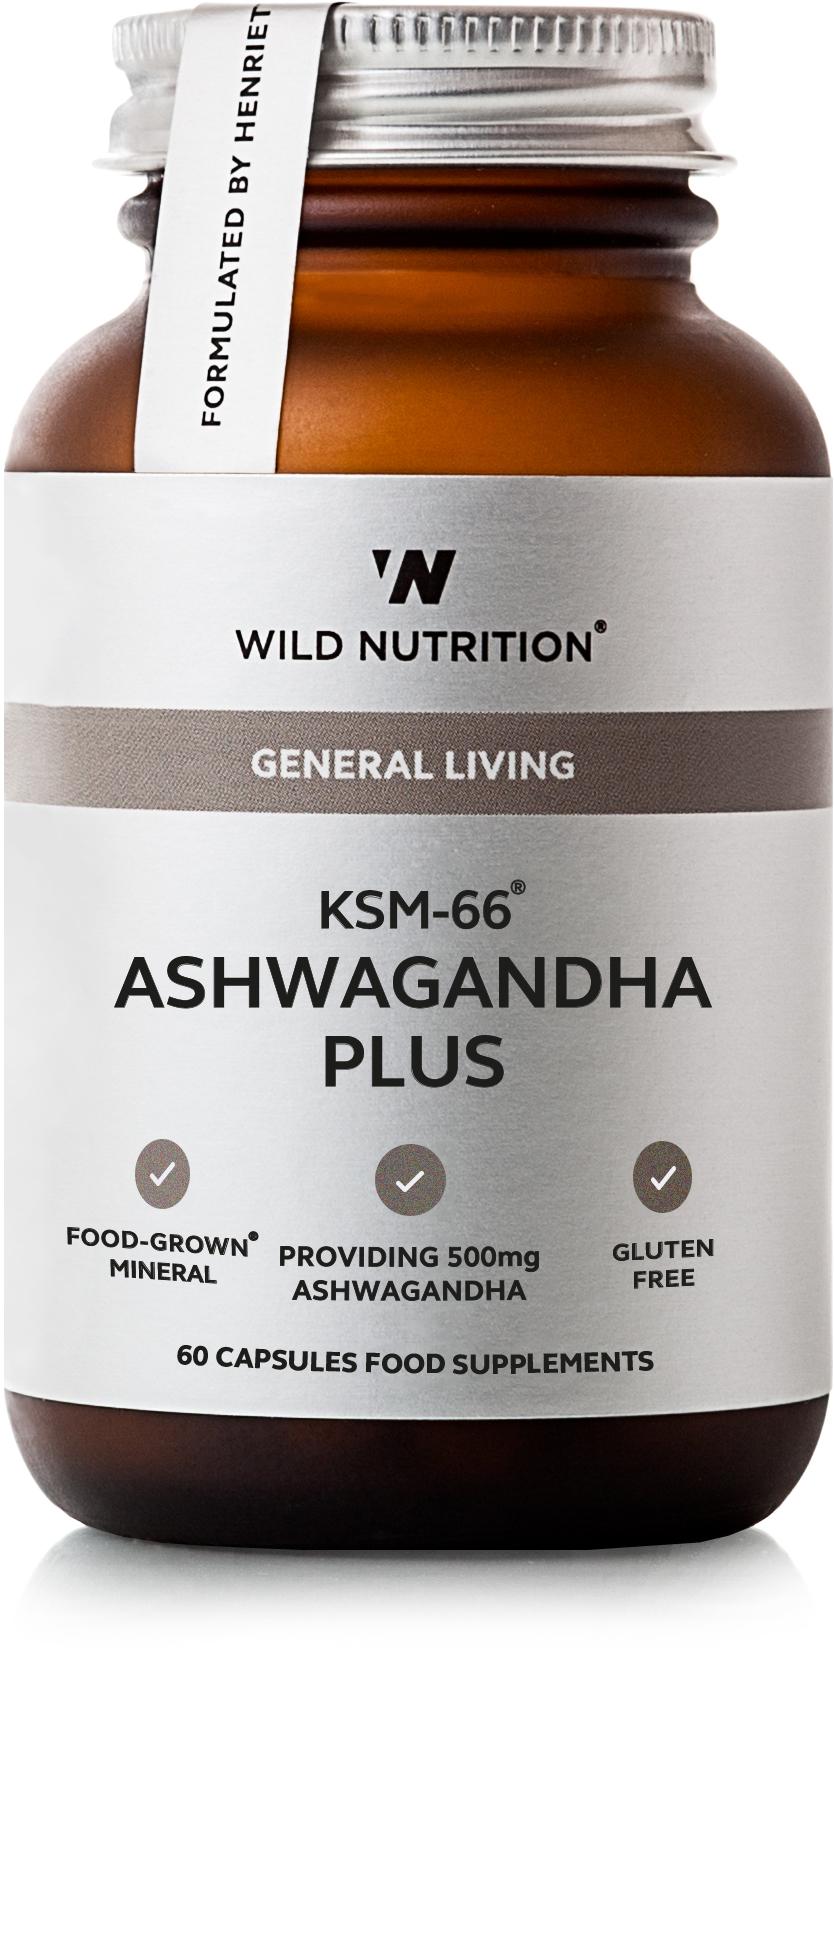 KSM-66 Ashwagandha Plus 60's